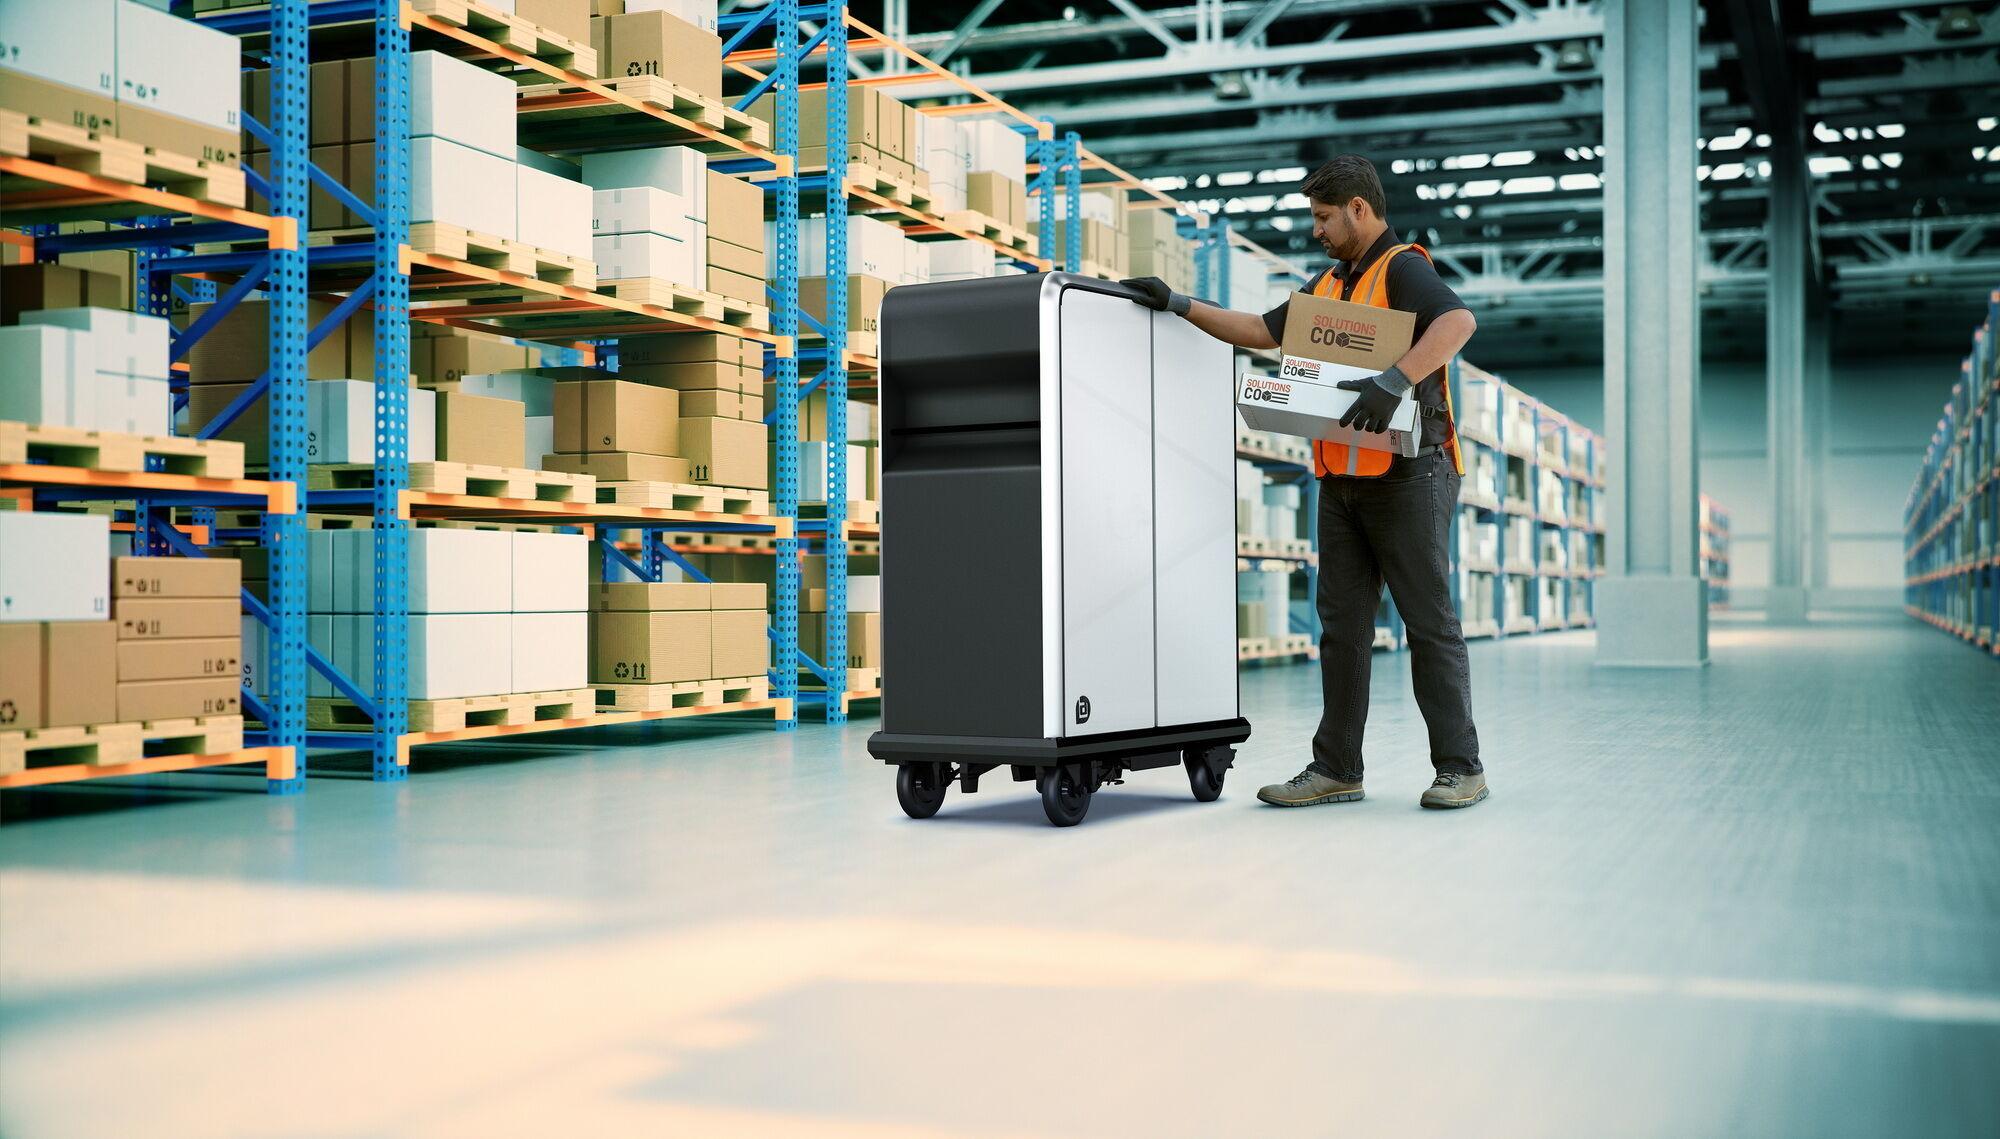 Роботизований контейнер BrightDrop EP1 має вантажопідйомність 90 кг та об'єм 0,65 м3